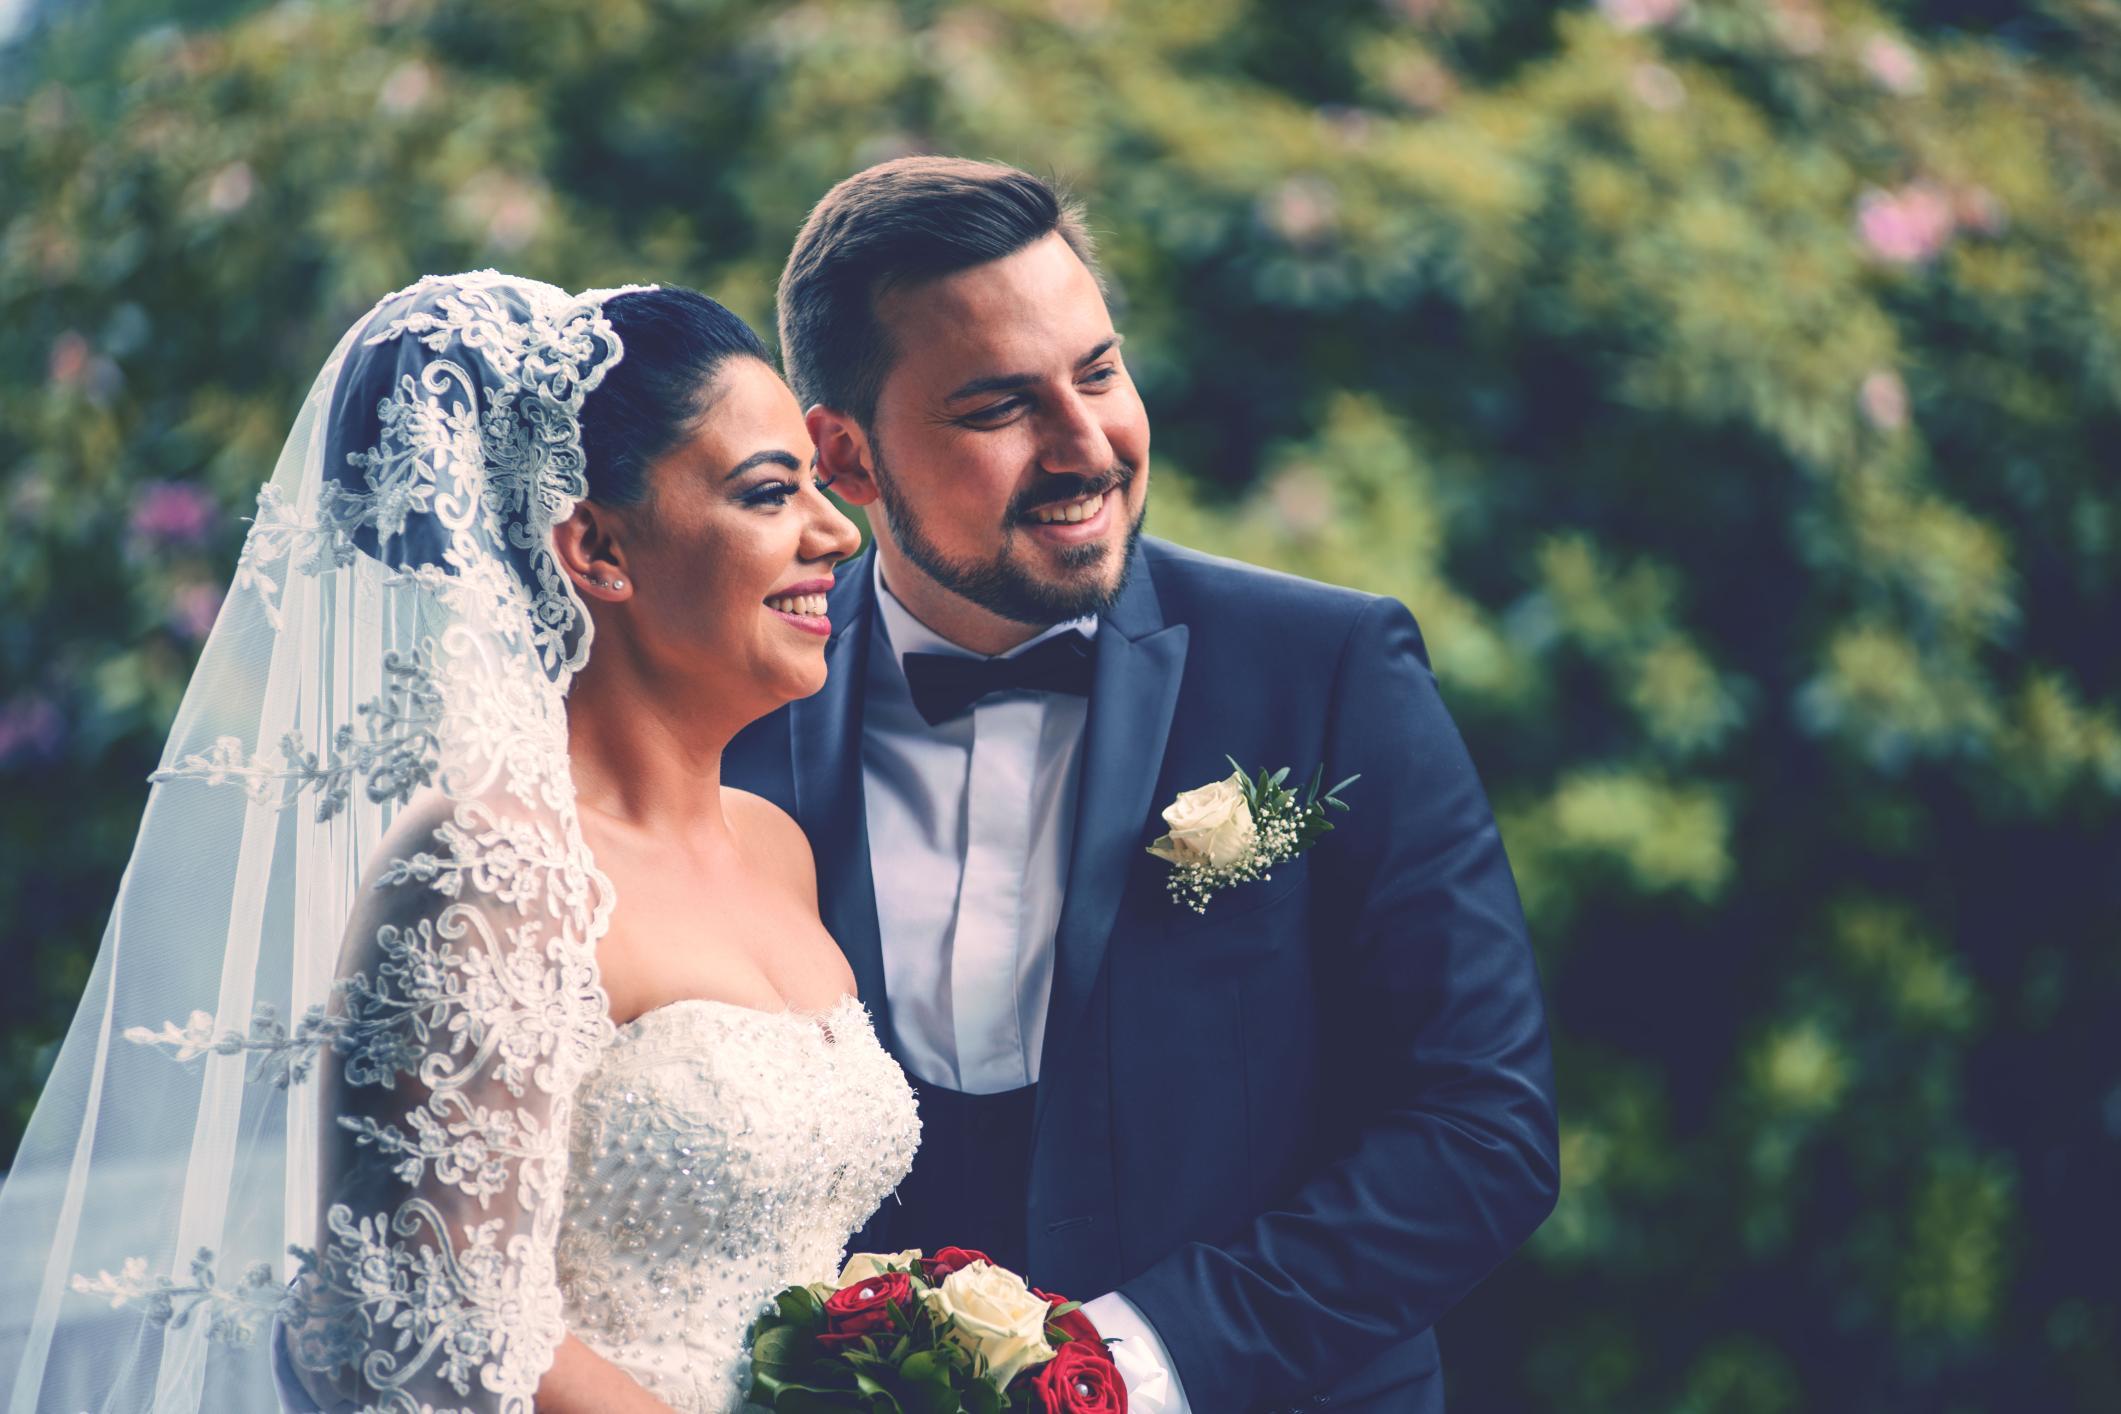 Hochzeitsfotograf-tuebingen-hochzeit-in-tuebingen-reutlingen-stuttgart-moessingen-hochzeitsfotografie